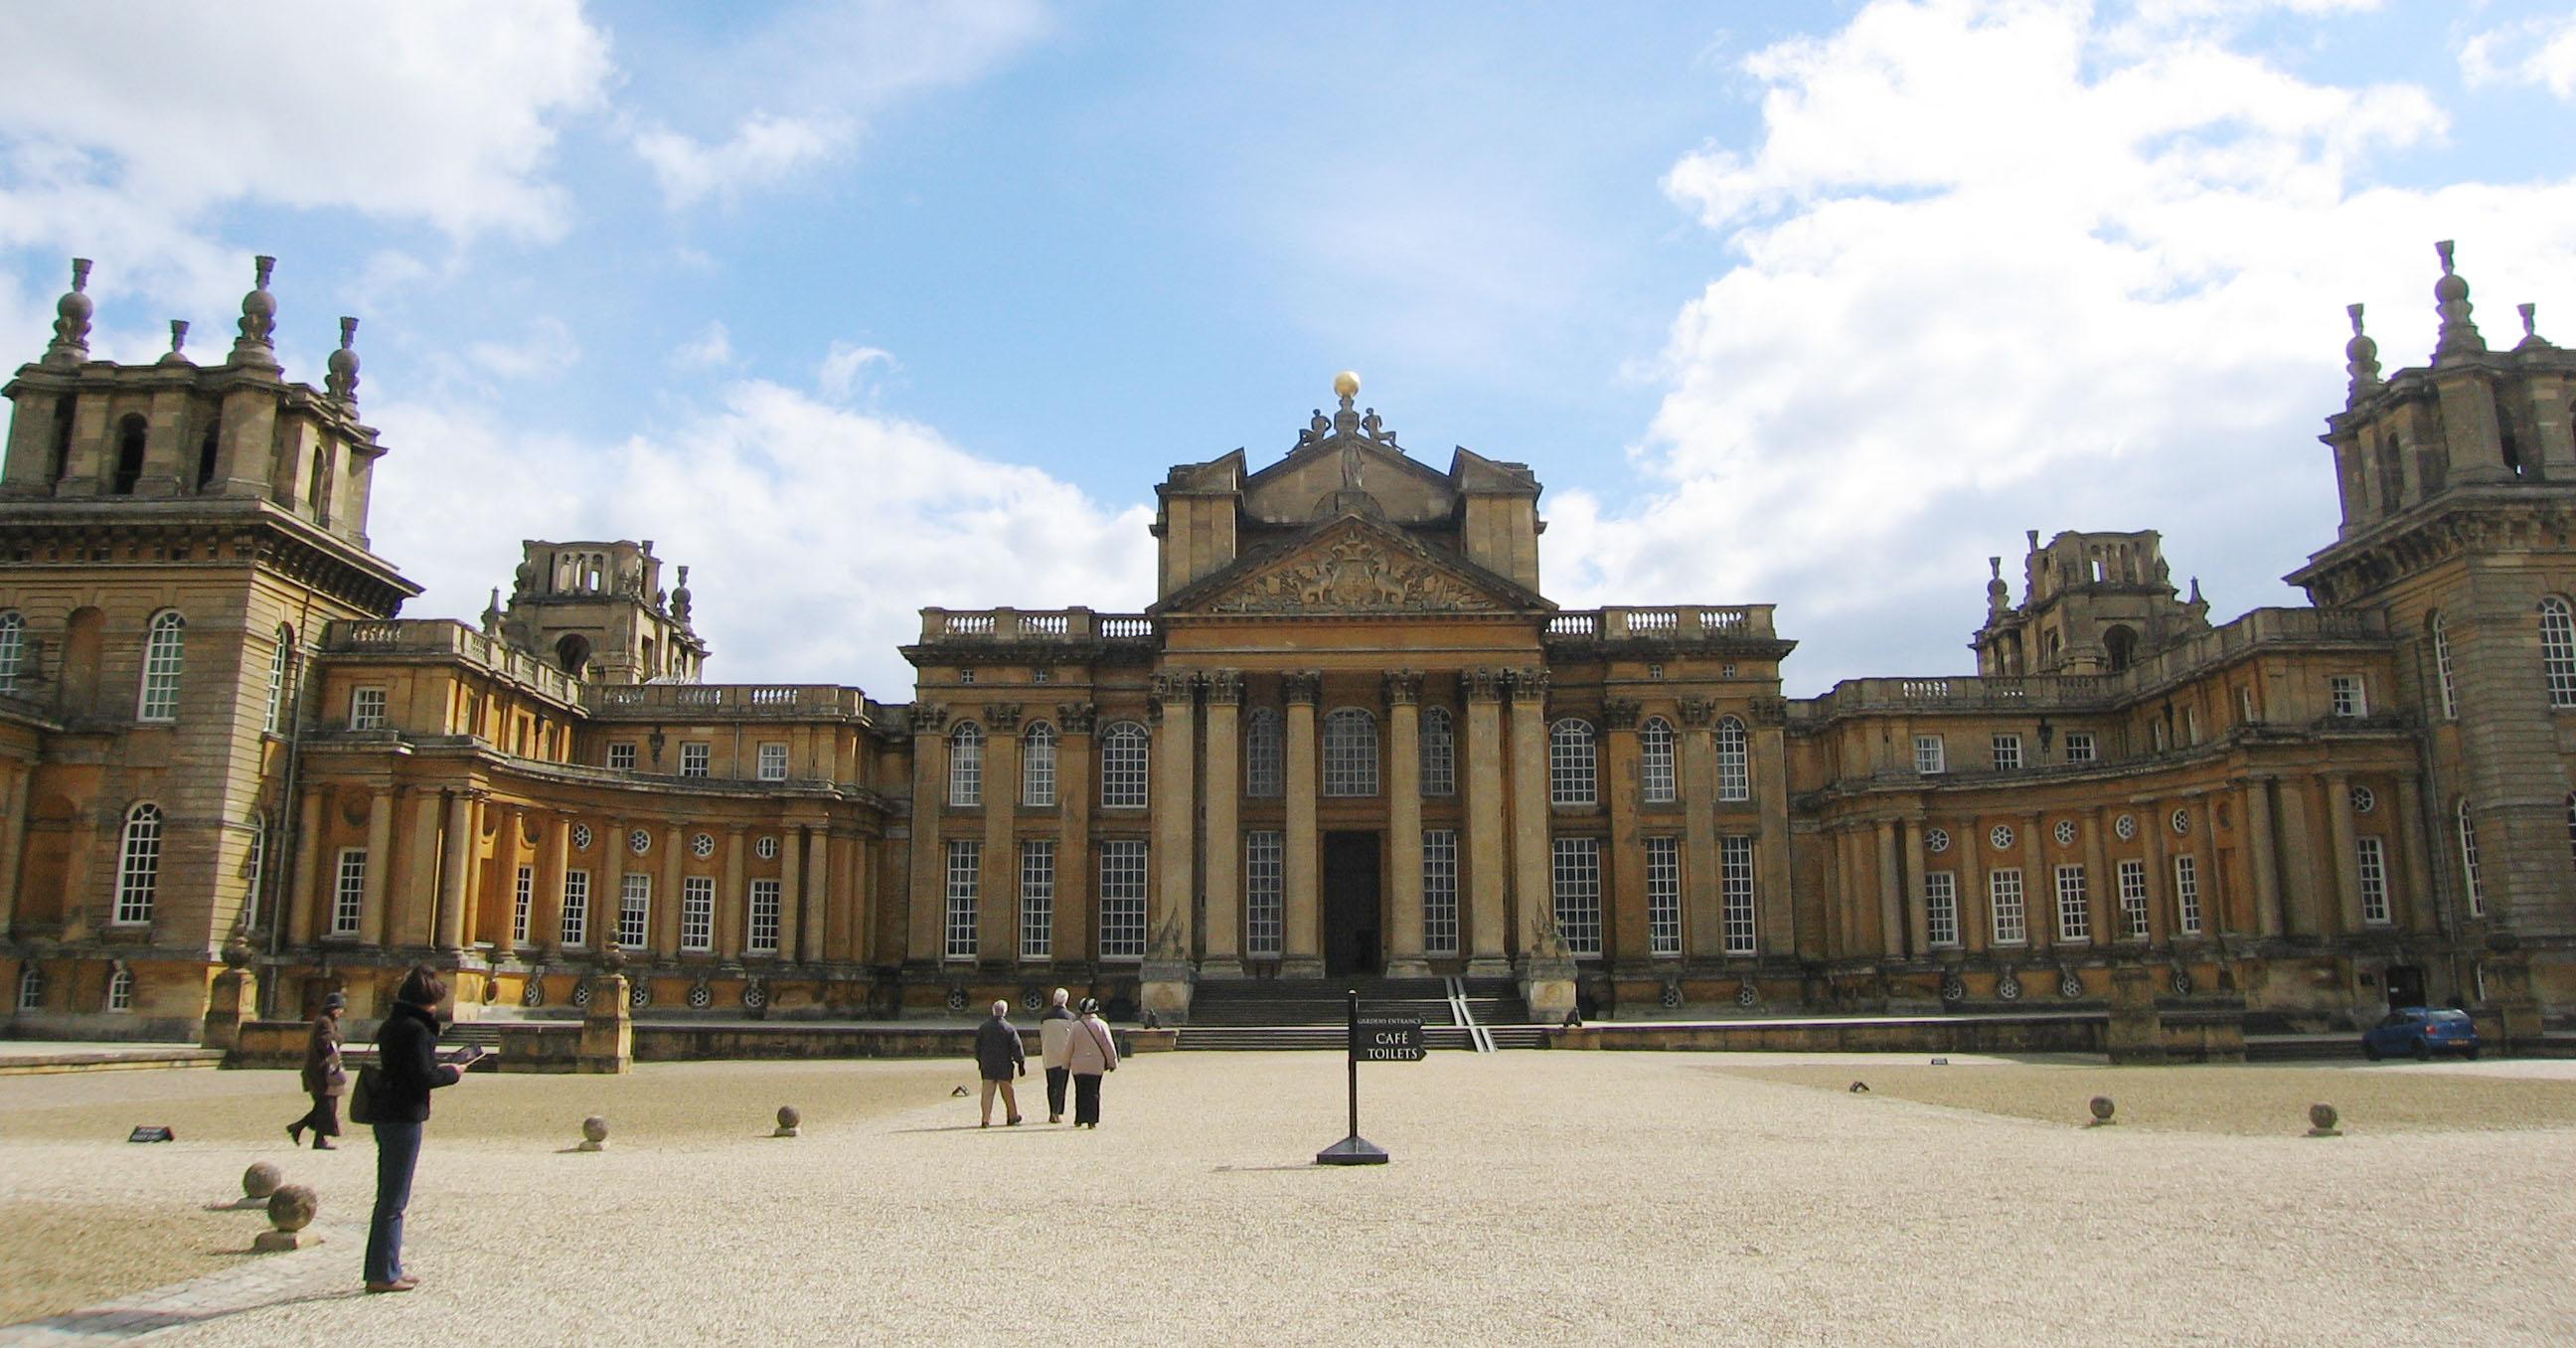 Blenheim Palace (foto Dirk Musschoot)